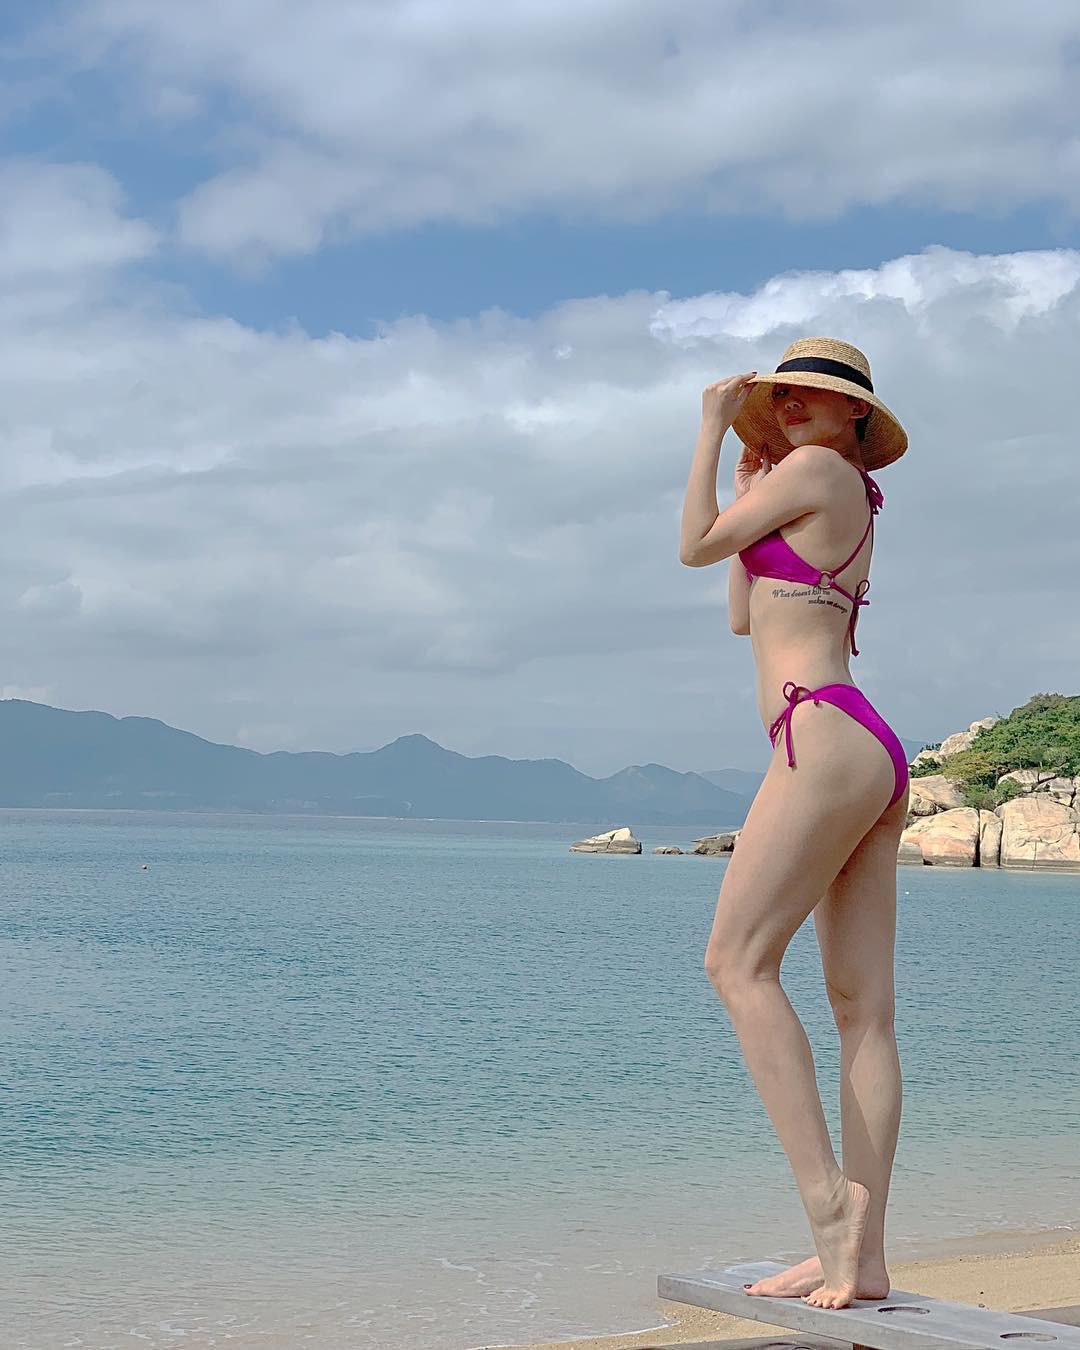 Cứ tưởng là nước ngoài nhưng hoá ra thiên đường trong vắt mà Tóc Tiên vừa check-in lại ở Việt Nam - Ảnh 5.